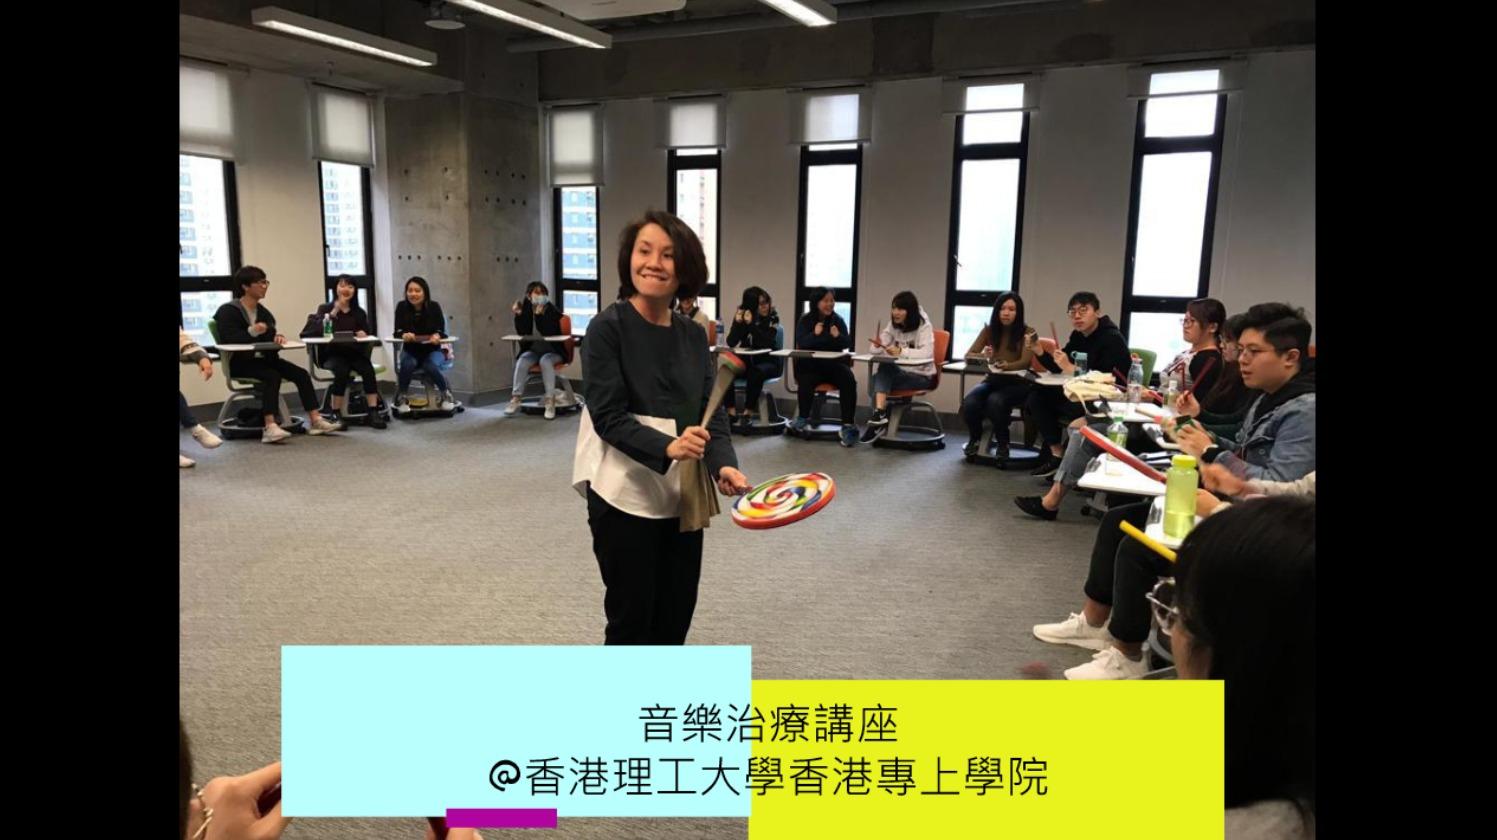 音樂治療講座@香港理工大學香港專上學院